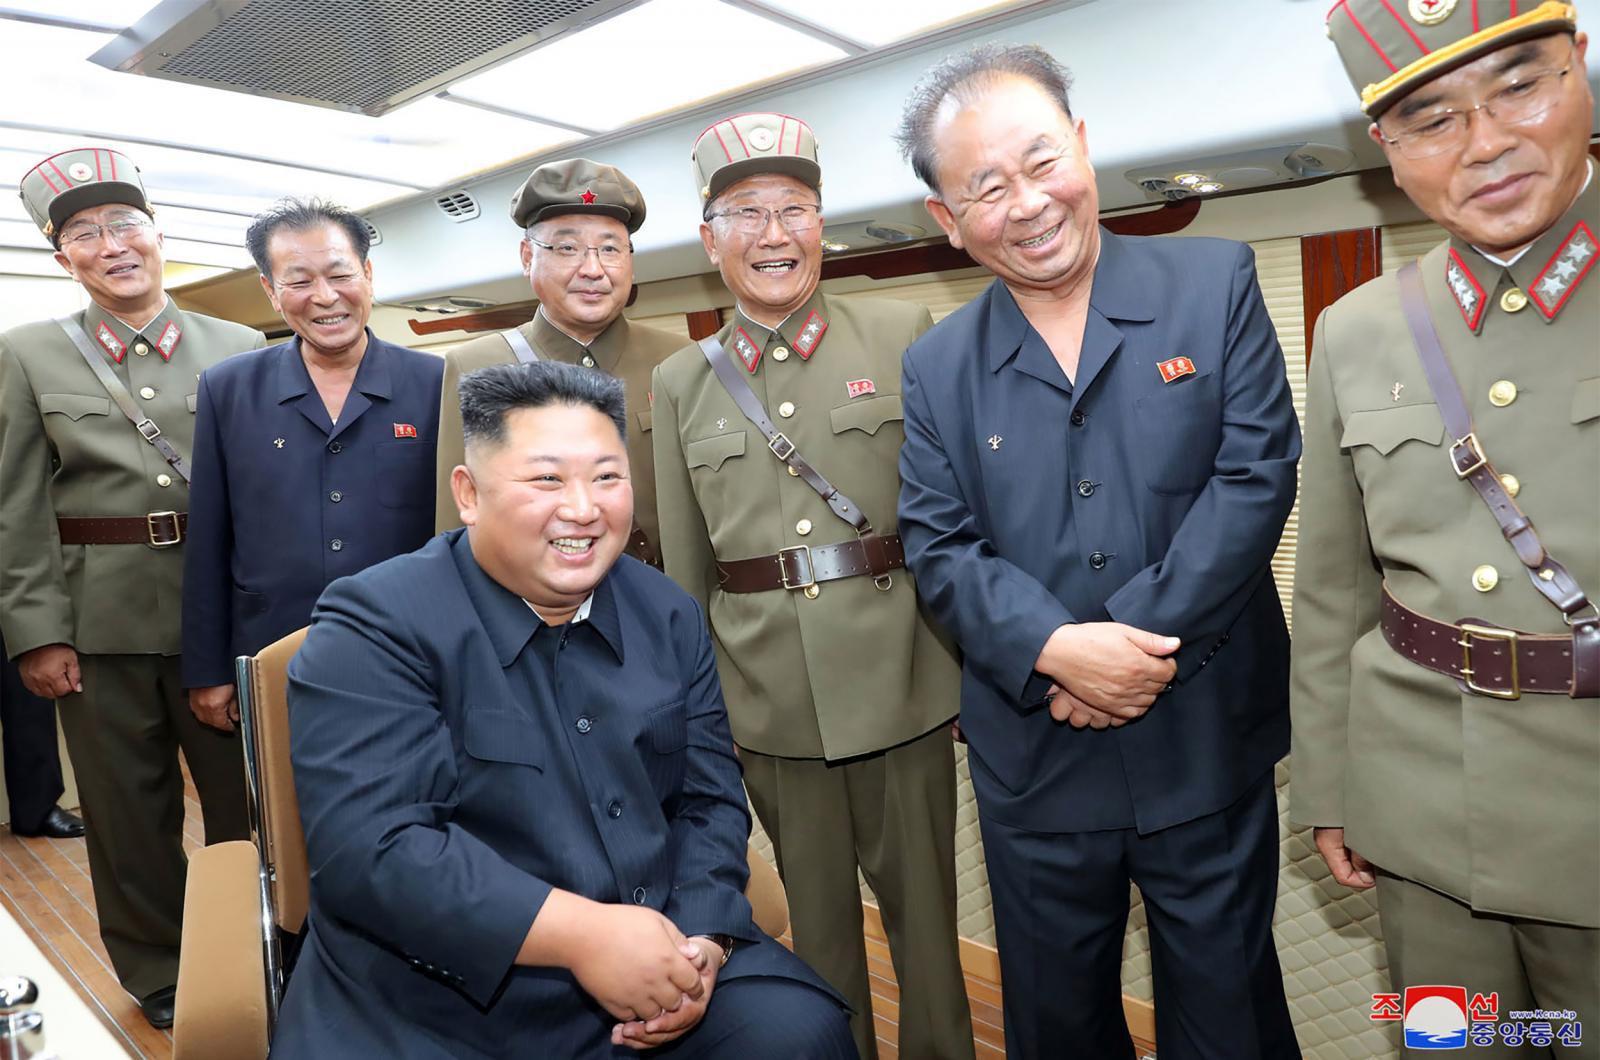 """เกาหลีเหนือยิงอีก! อ้างทดสอบอาวุธใหม่ - """"ทรัมป์"""" เผย """"คิม จอง อึน"""" ส่ง จม.ขอโทษ"""